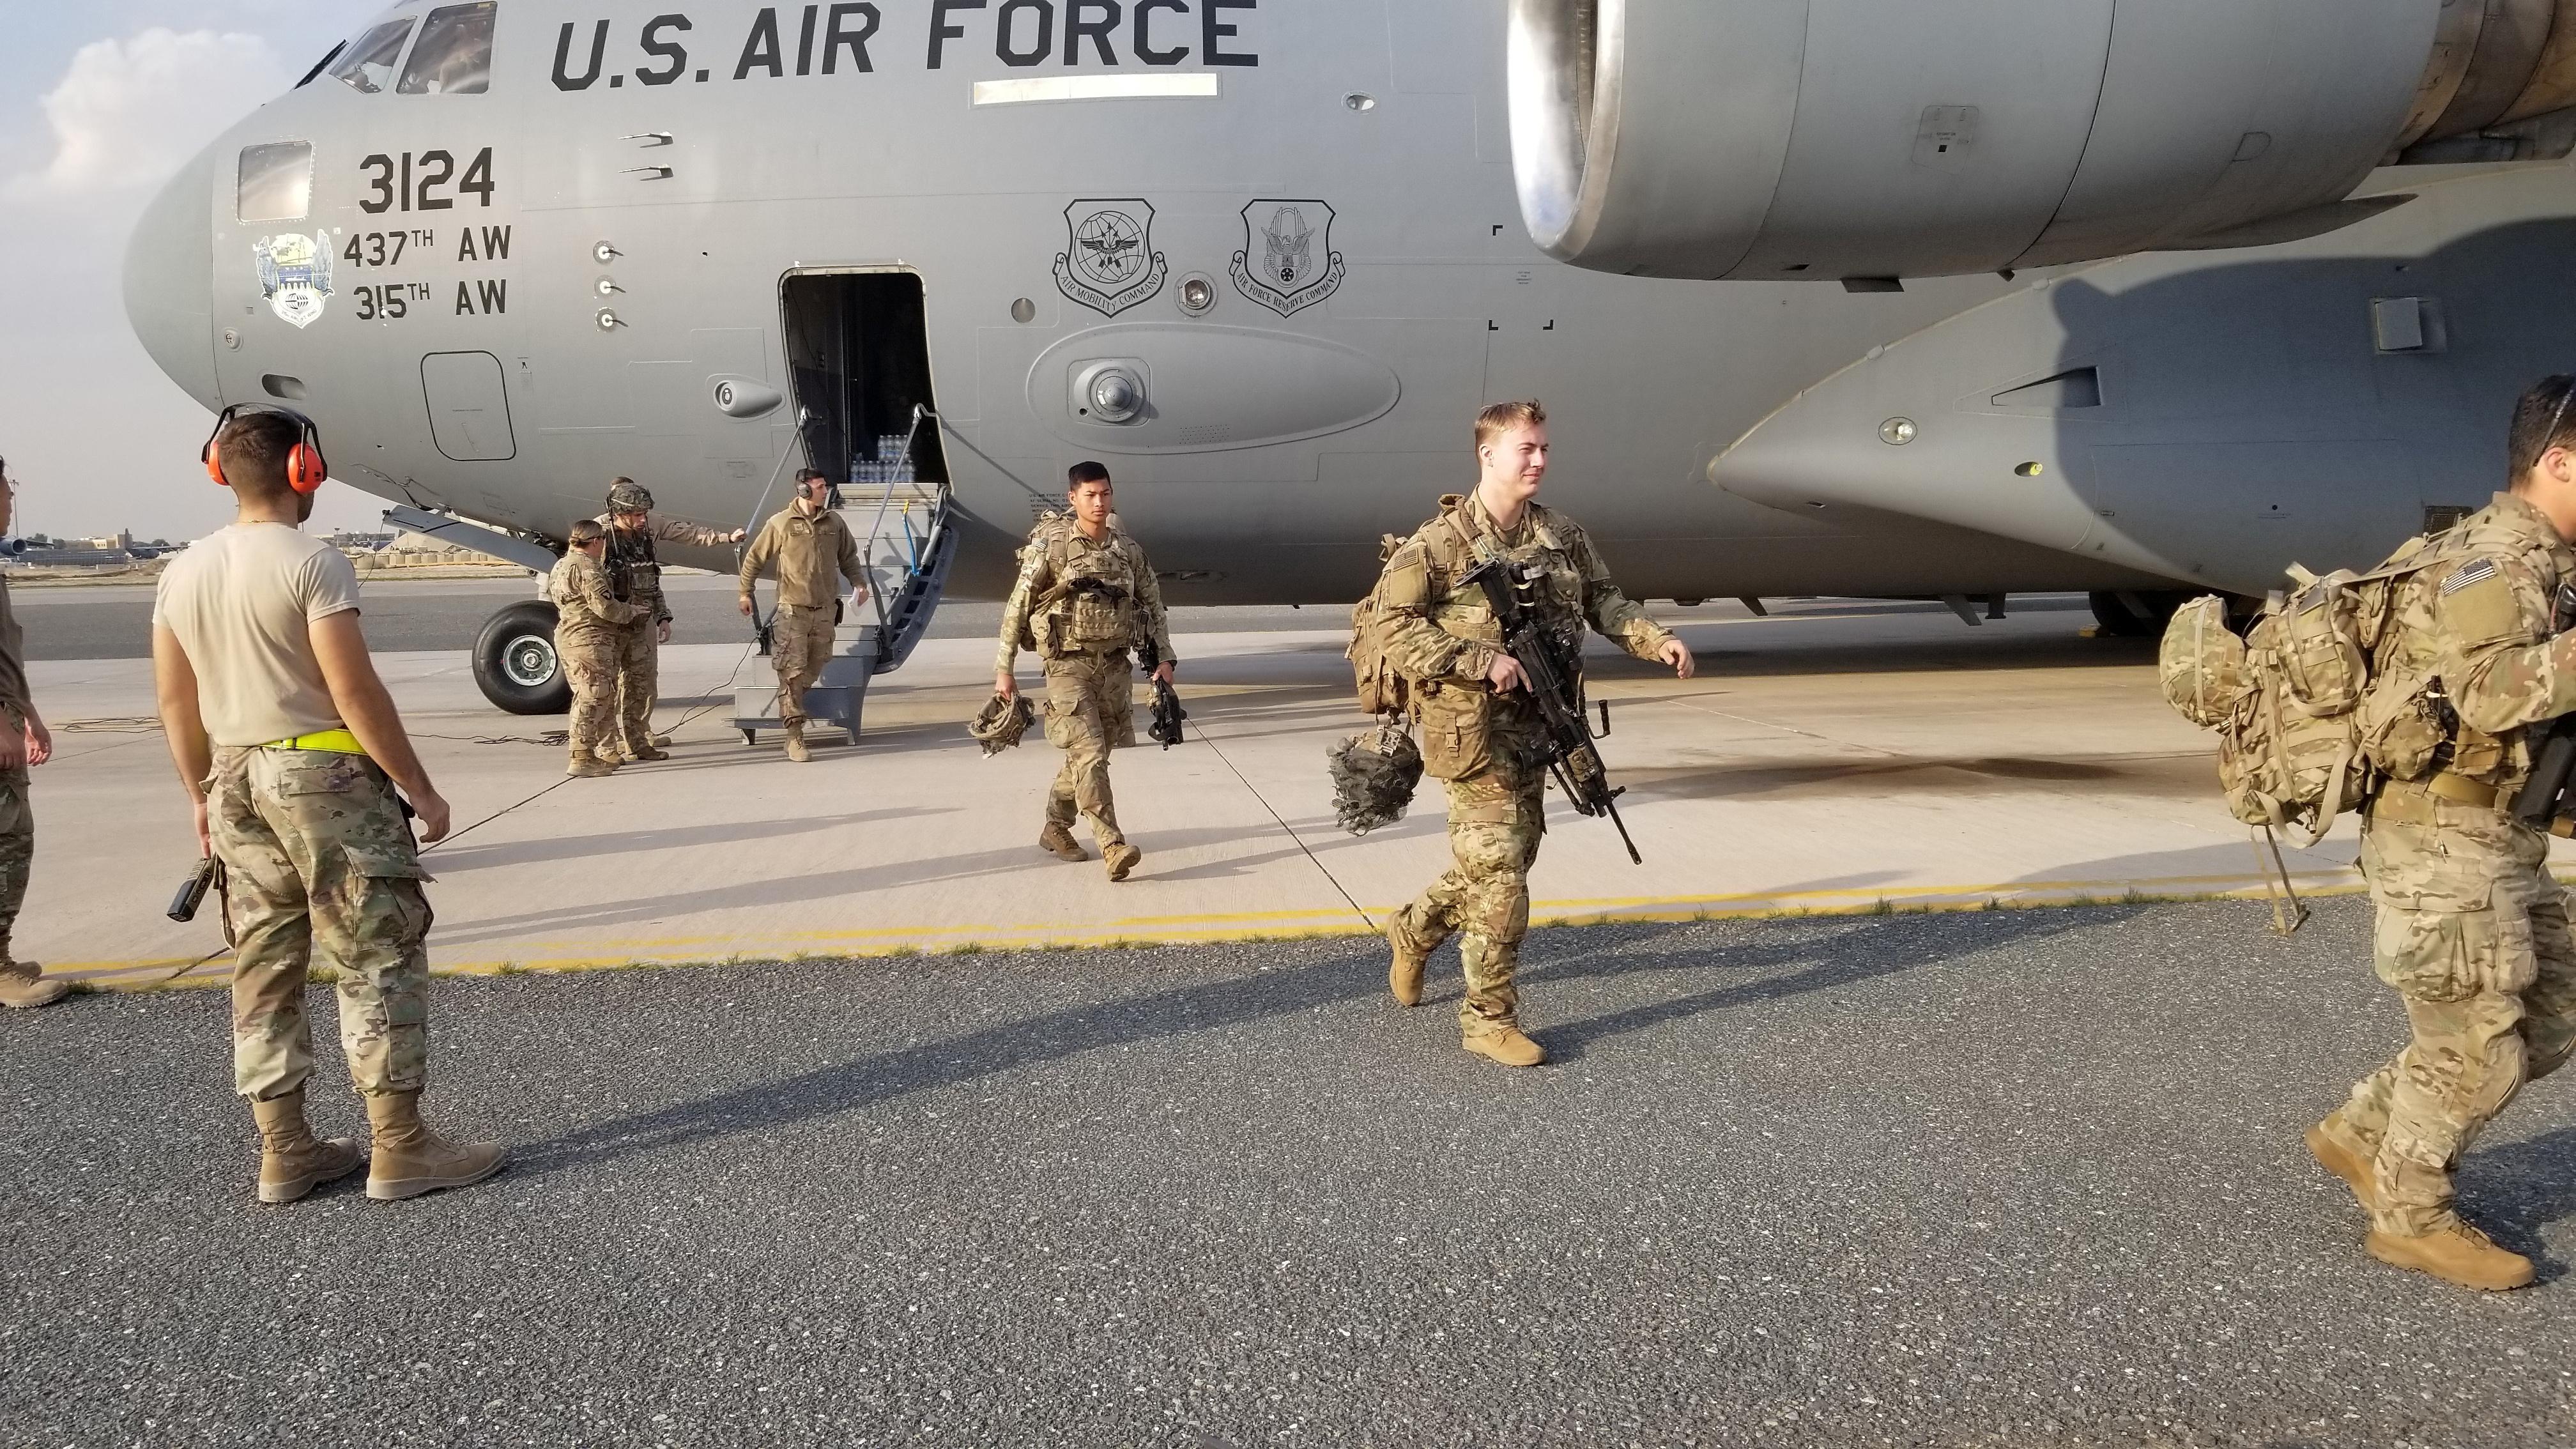 αμερικανικές δυνάμεις